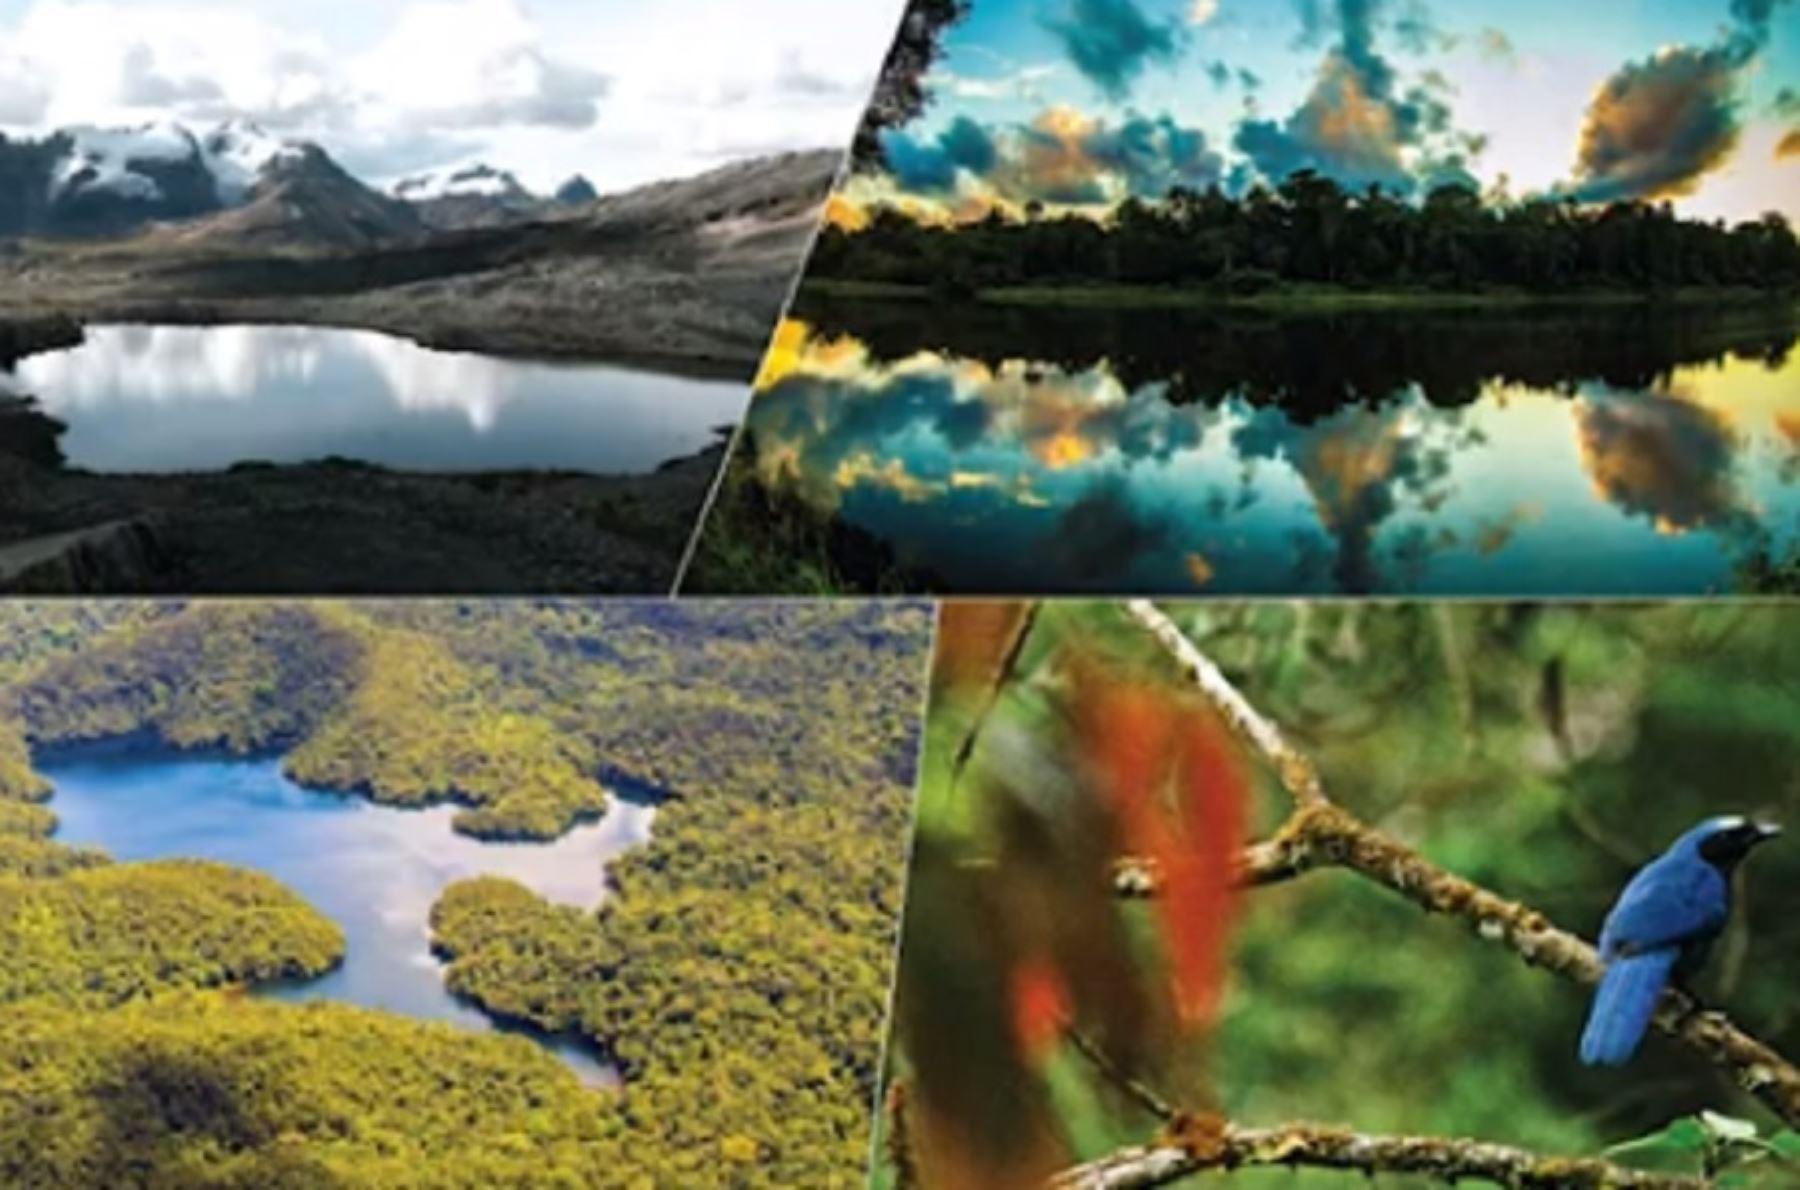 Las Reservas de Biosfera son áreas representativas de ambientes terrestres o acuáticos creados para promover una relación equilibrada entre los seres humanos y la naturaleza. El Perú cuenta con seis Reservas de Biósfera reconocidas por la Unesco.